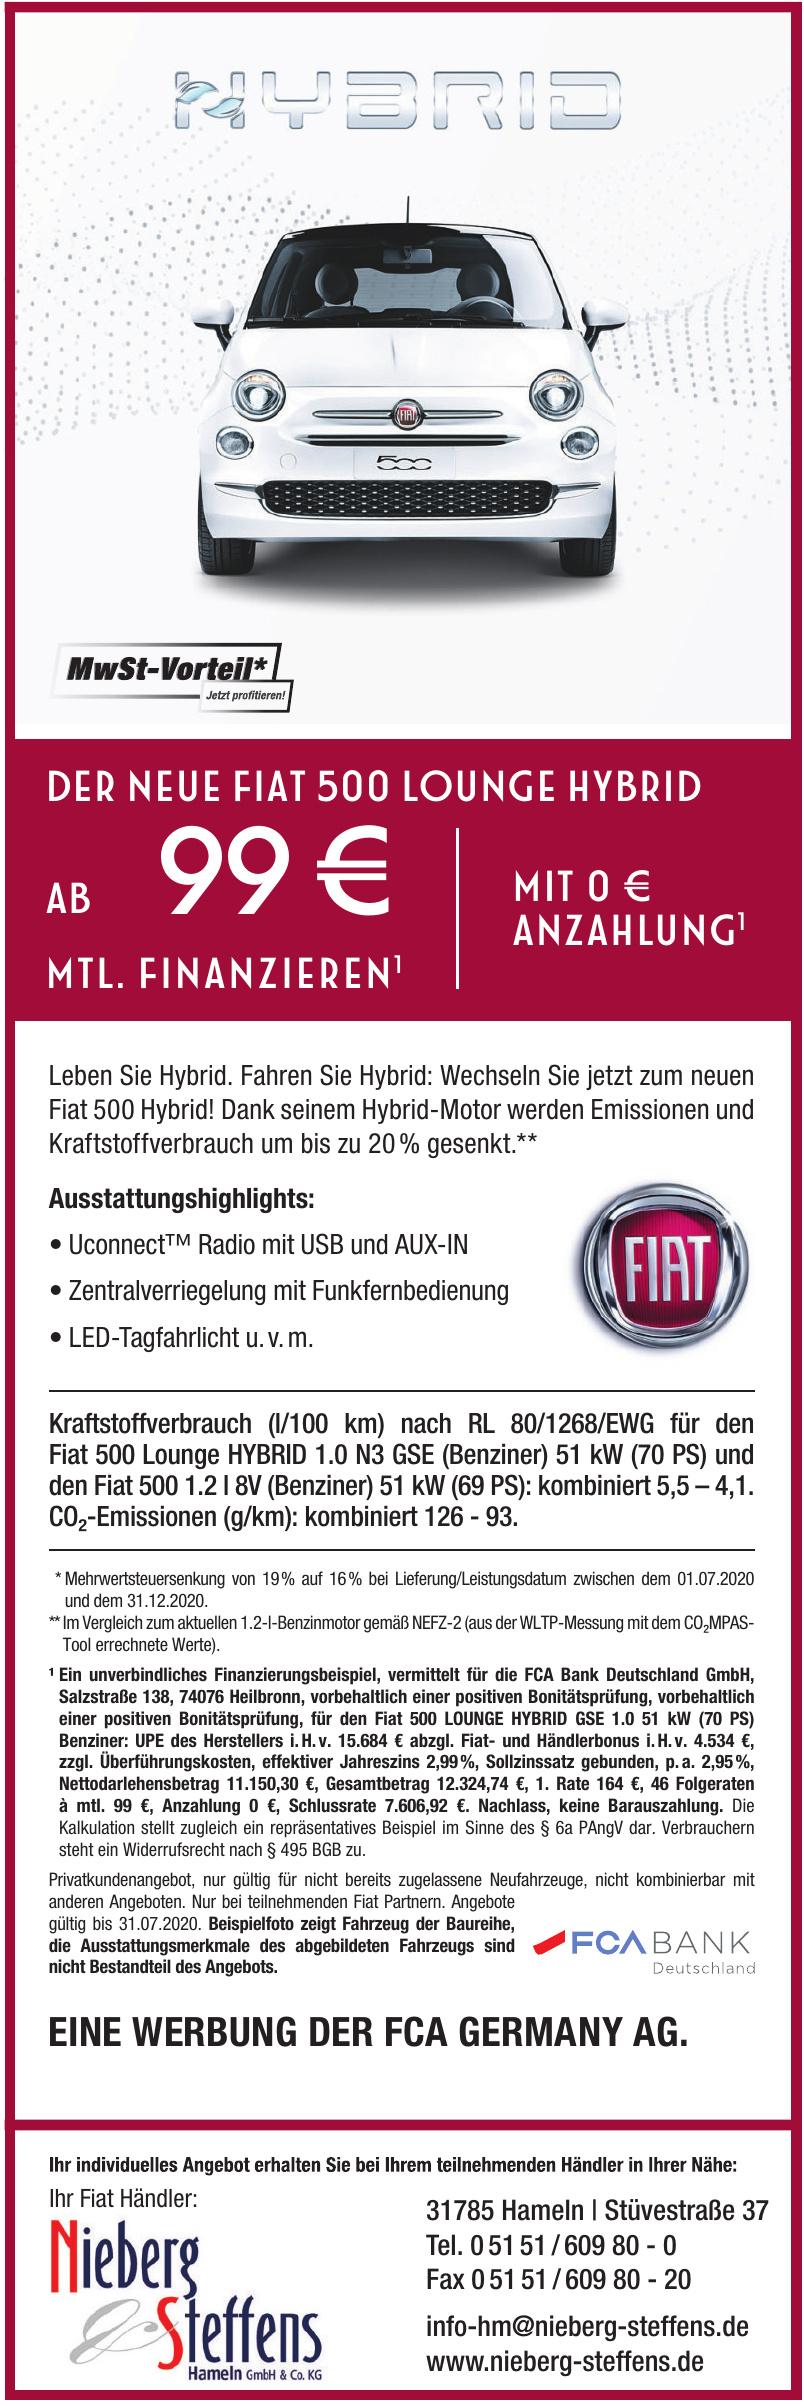 Nieberg Steffens Hameln GmbH & Co. KG